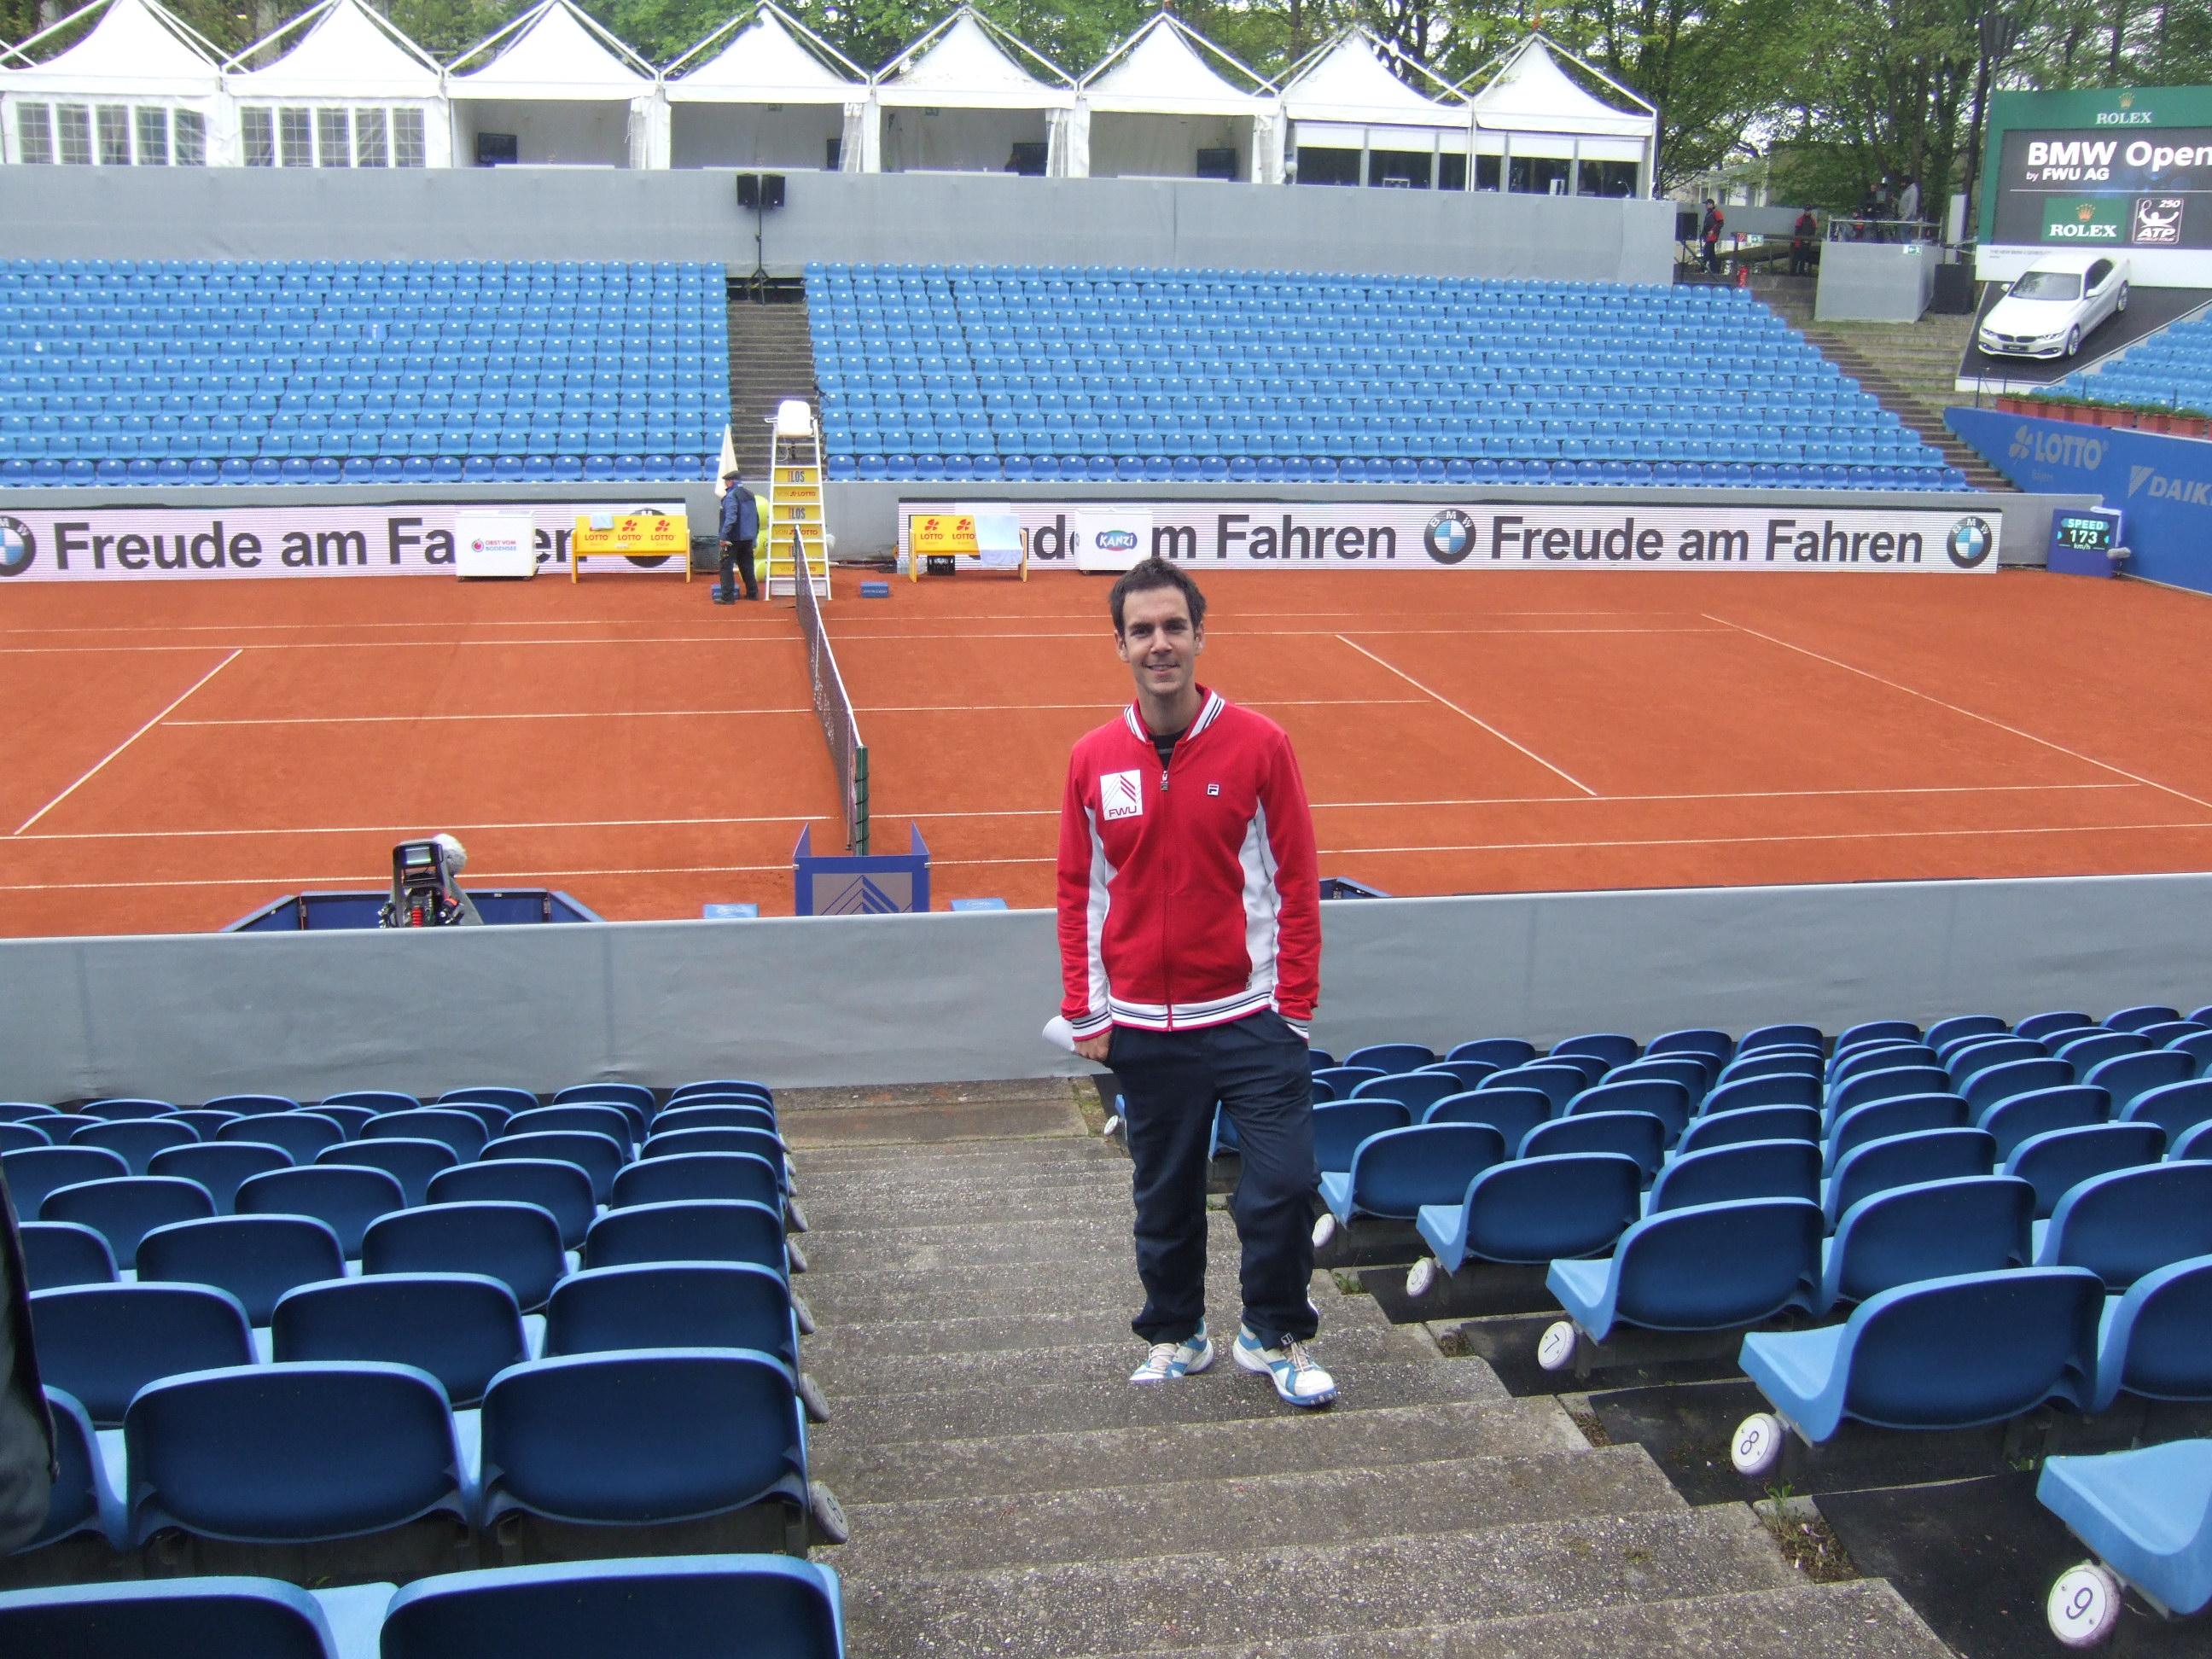 Ja na teniskom turniru u Minhenu